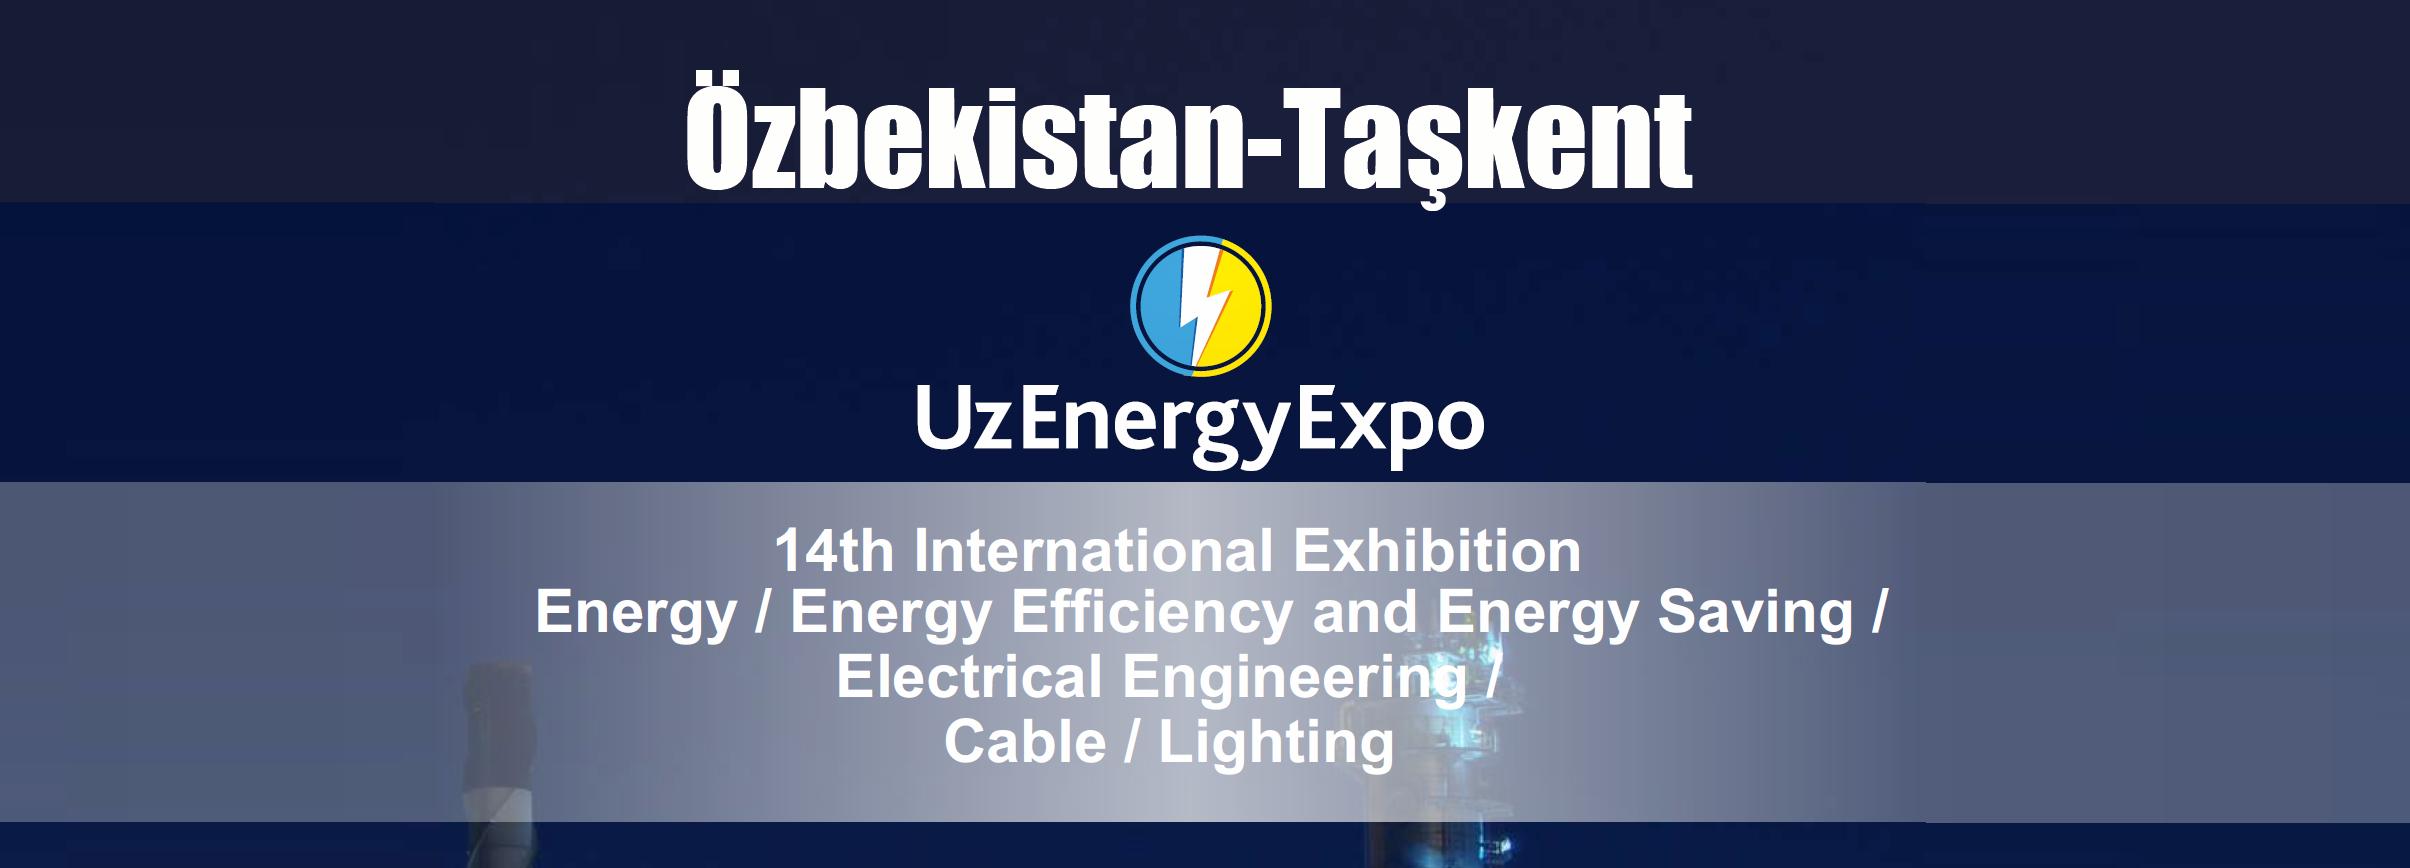 Uz Energy Expo